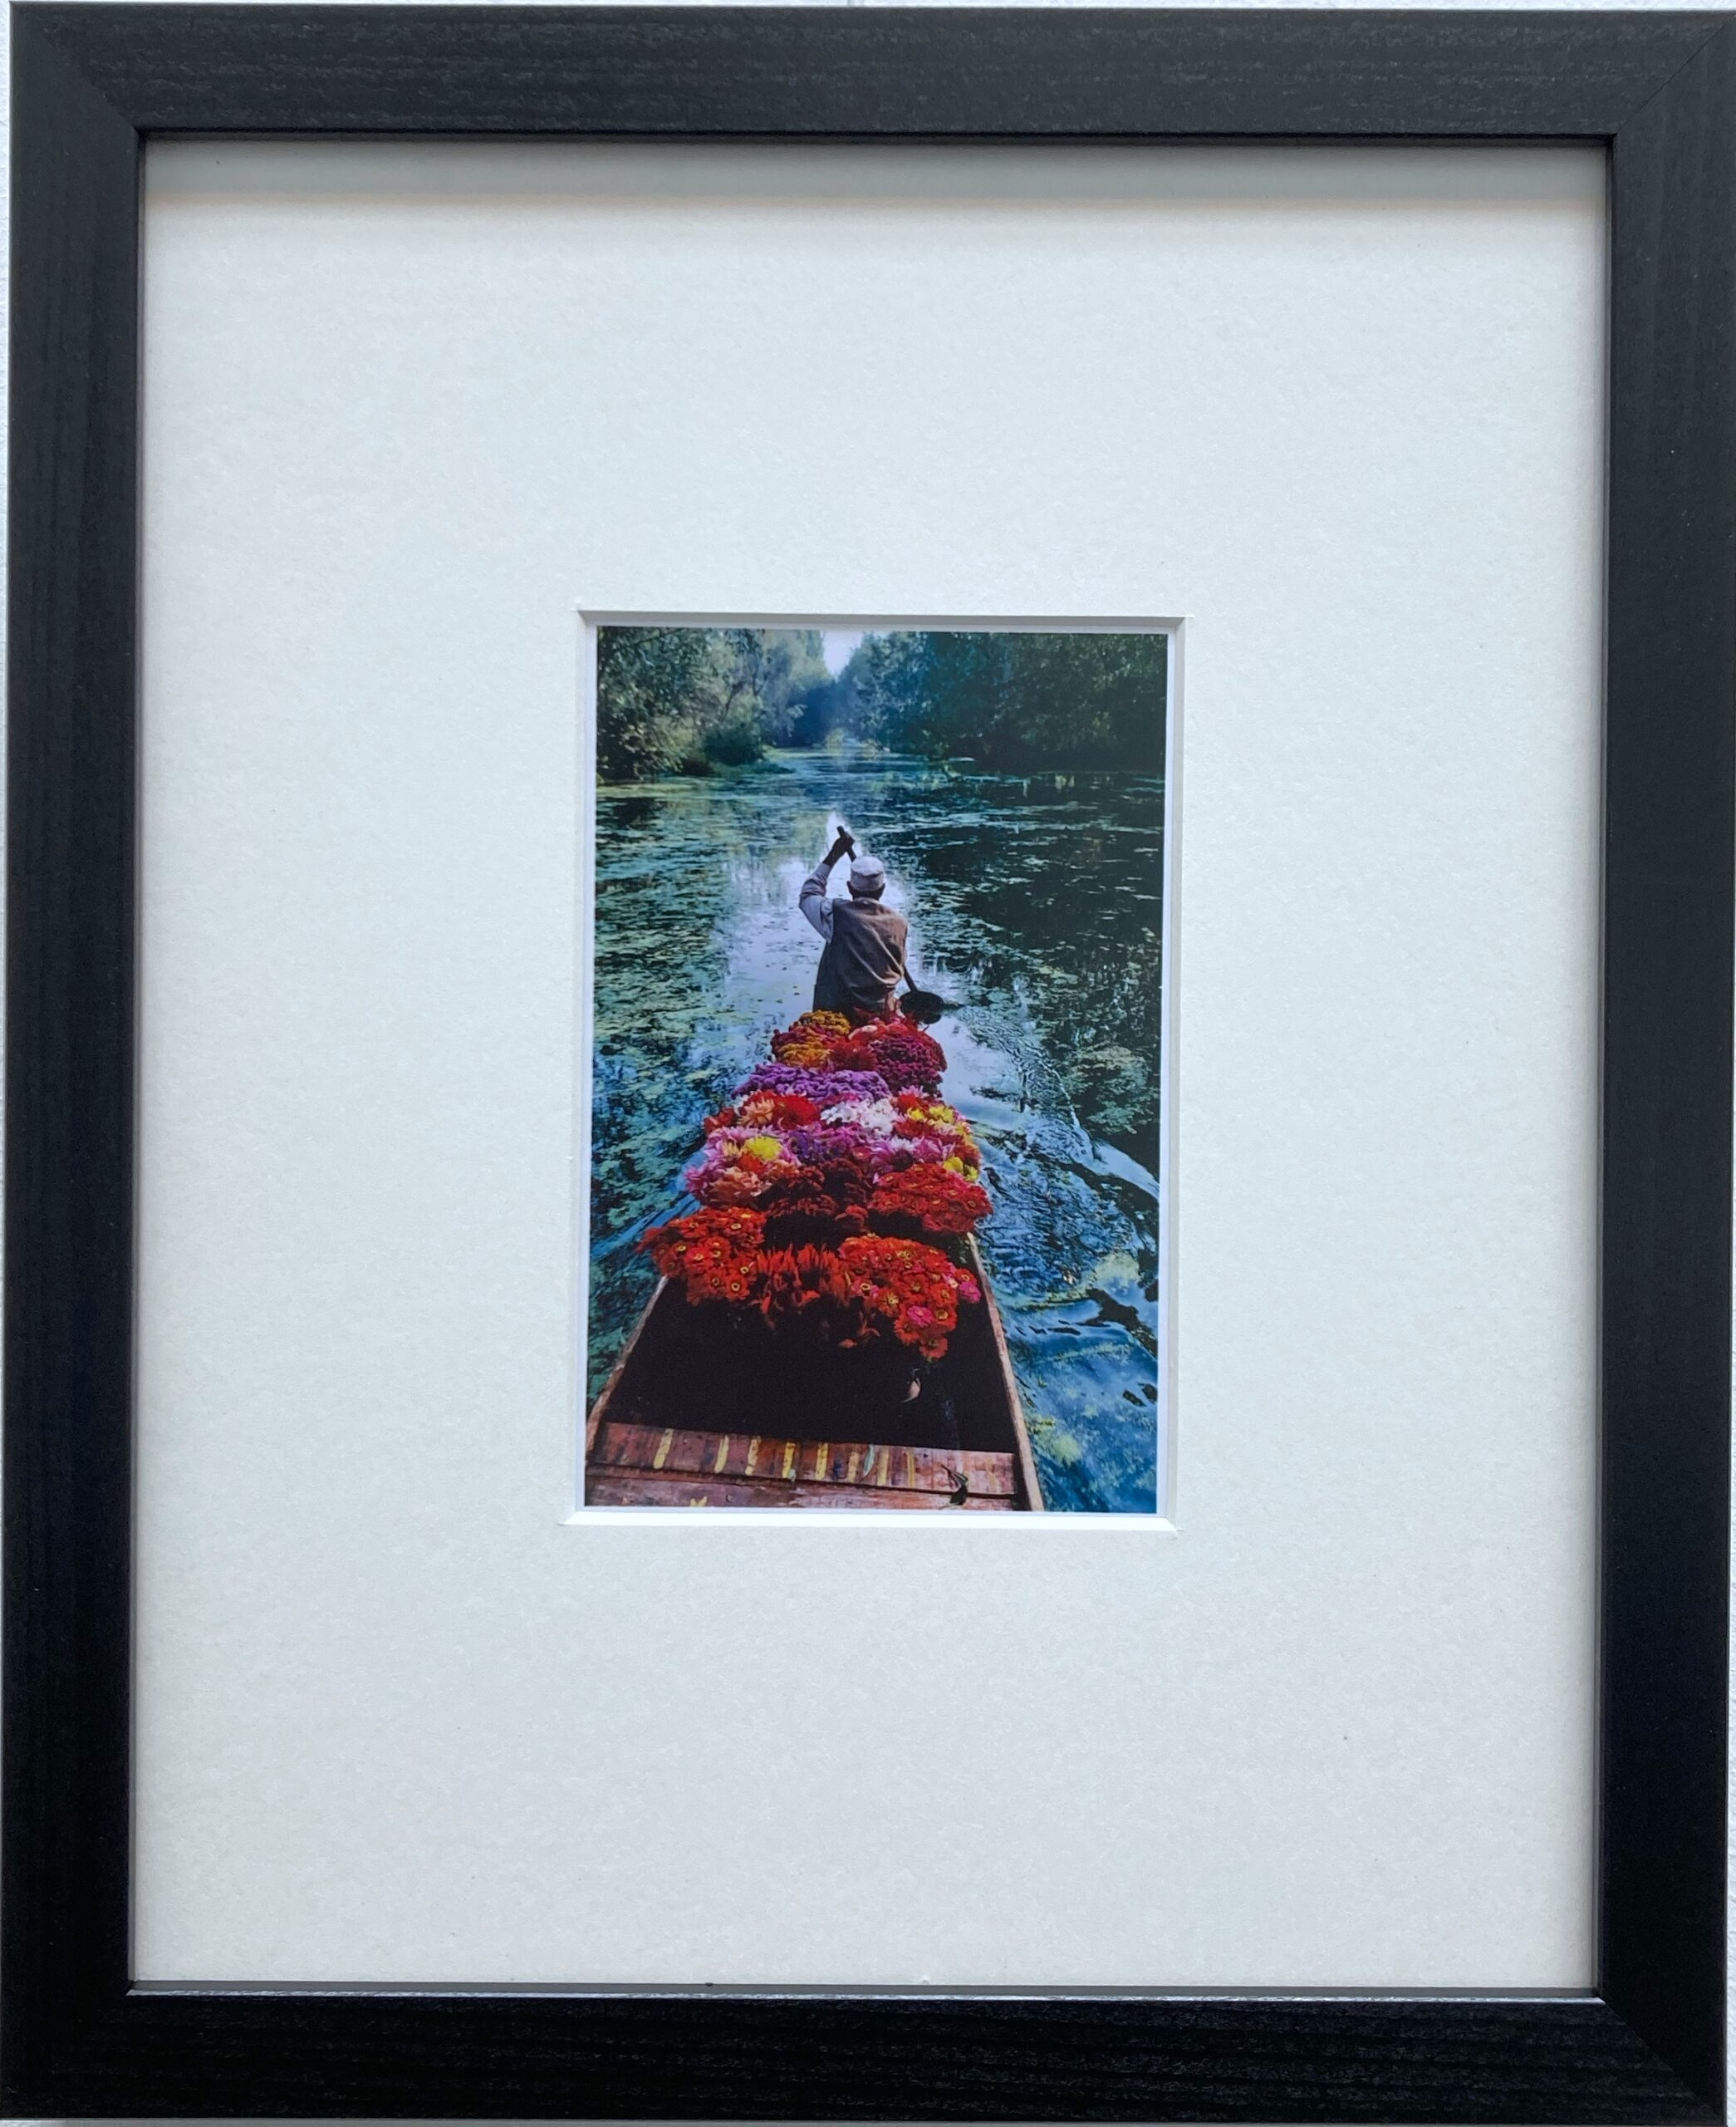 Flower Seller: Dal Lake, Srinagar, Kashmir, 1996